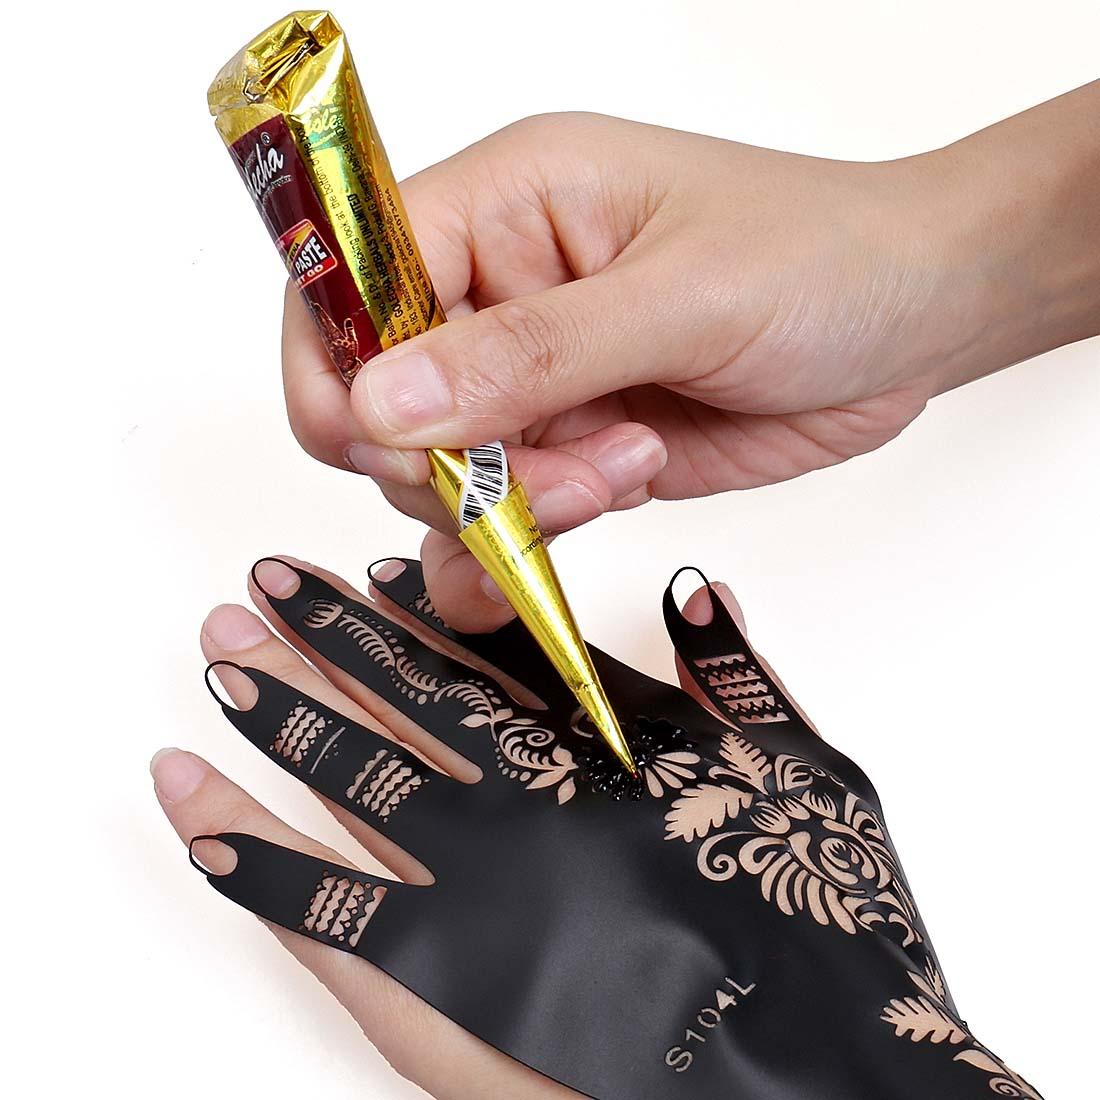 Mehndi Henna Kit : Bmc pc mehndi henna tattoo starter kit color cones w